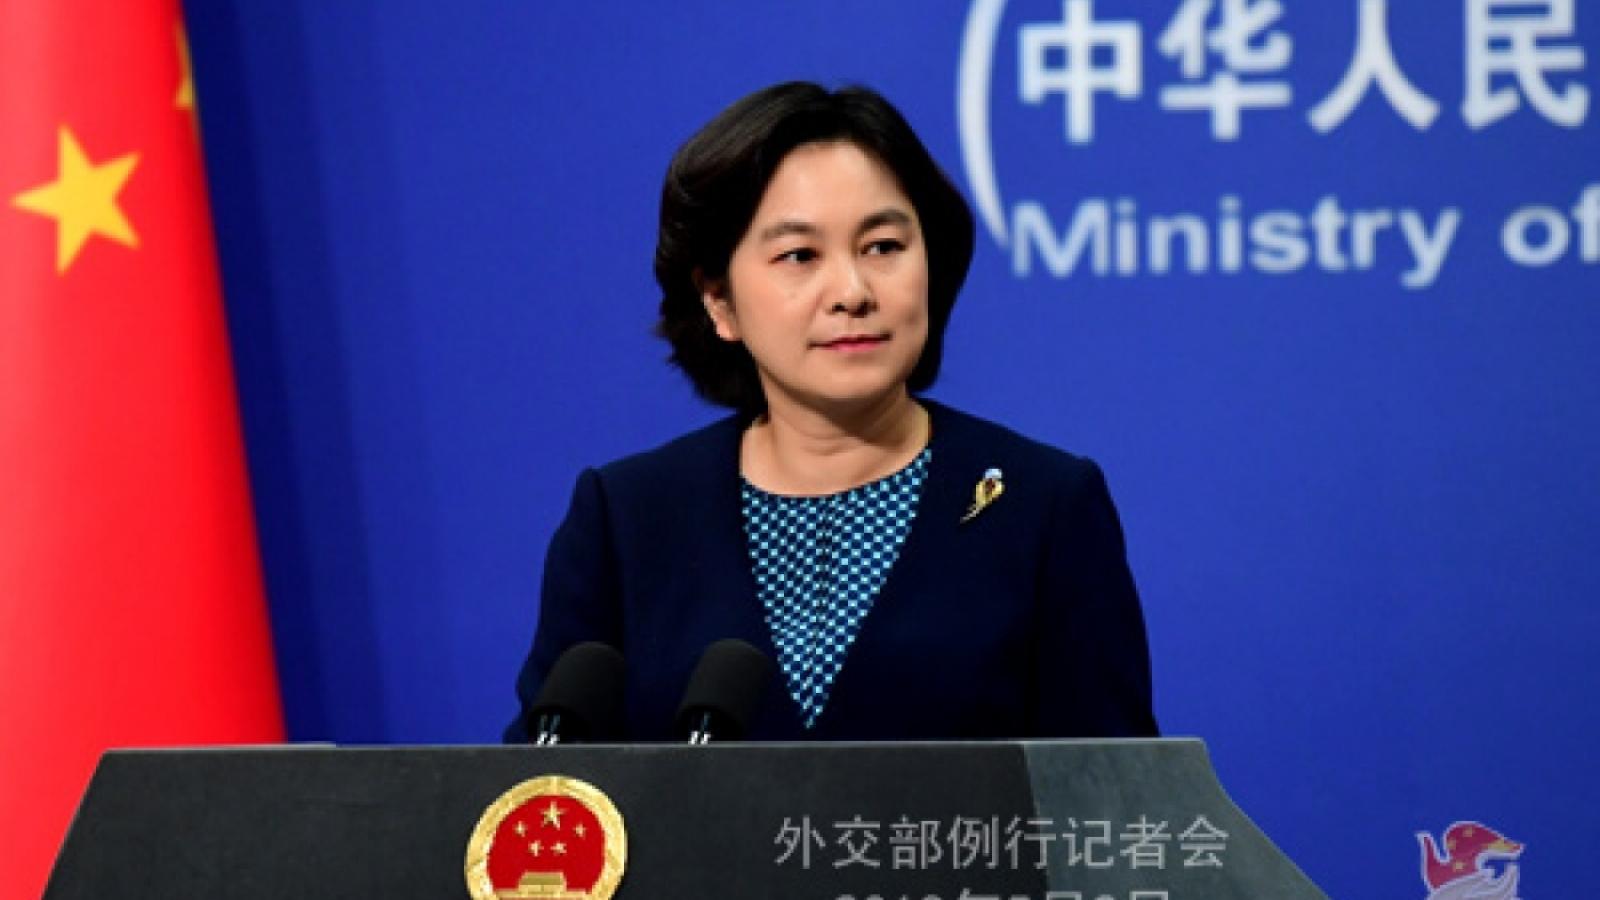 Trung Quốc cho rằng Mỹ rút quân khiến Afghanistan xảy ra hàng loạt vụ đánh bom